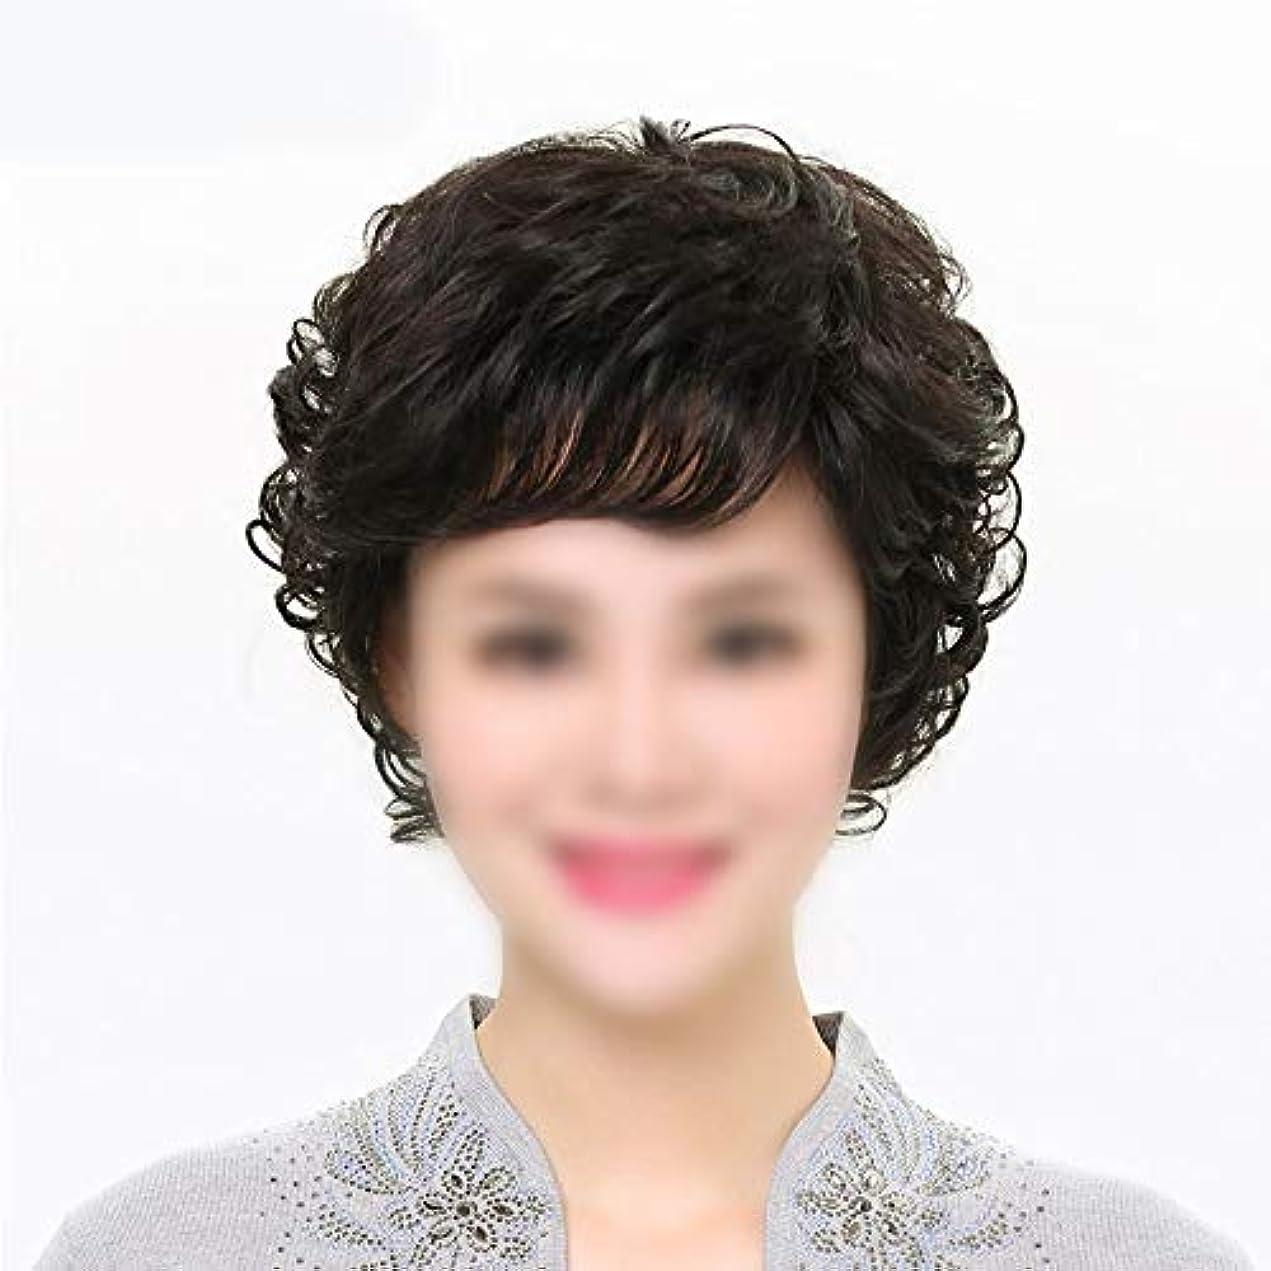 永久おばあさん小屋YOUQIU 母ヘアウィッグ中年ウィッグウィッグのために前髪を持つ女性の本当の髪のショートカーリーヘア (色 : 黒, Edition : Mechanism)